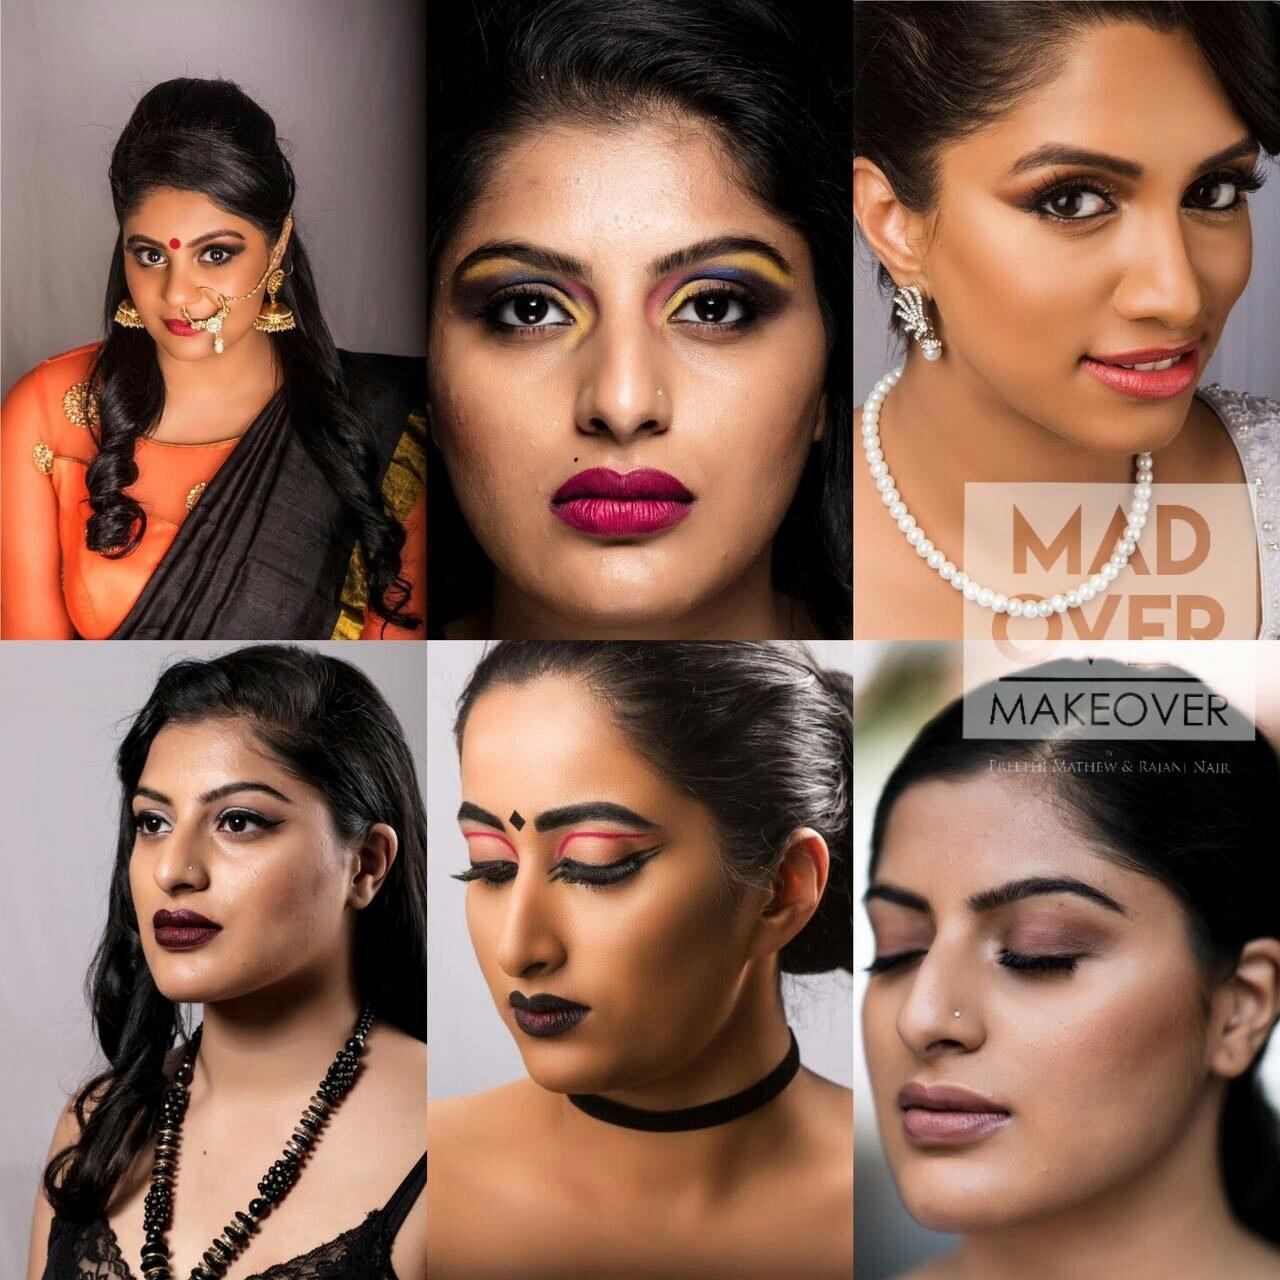 Portfolio - Mad Over Makeover